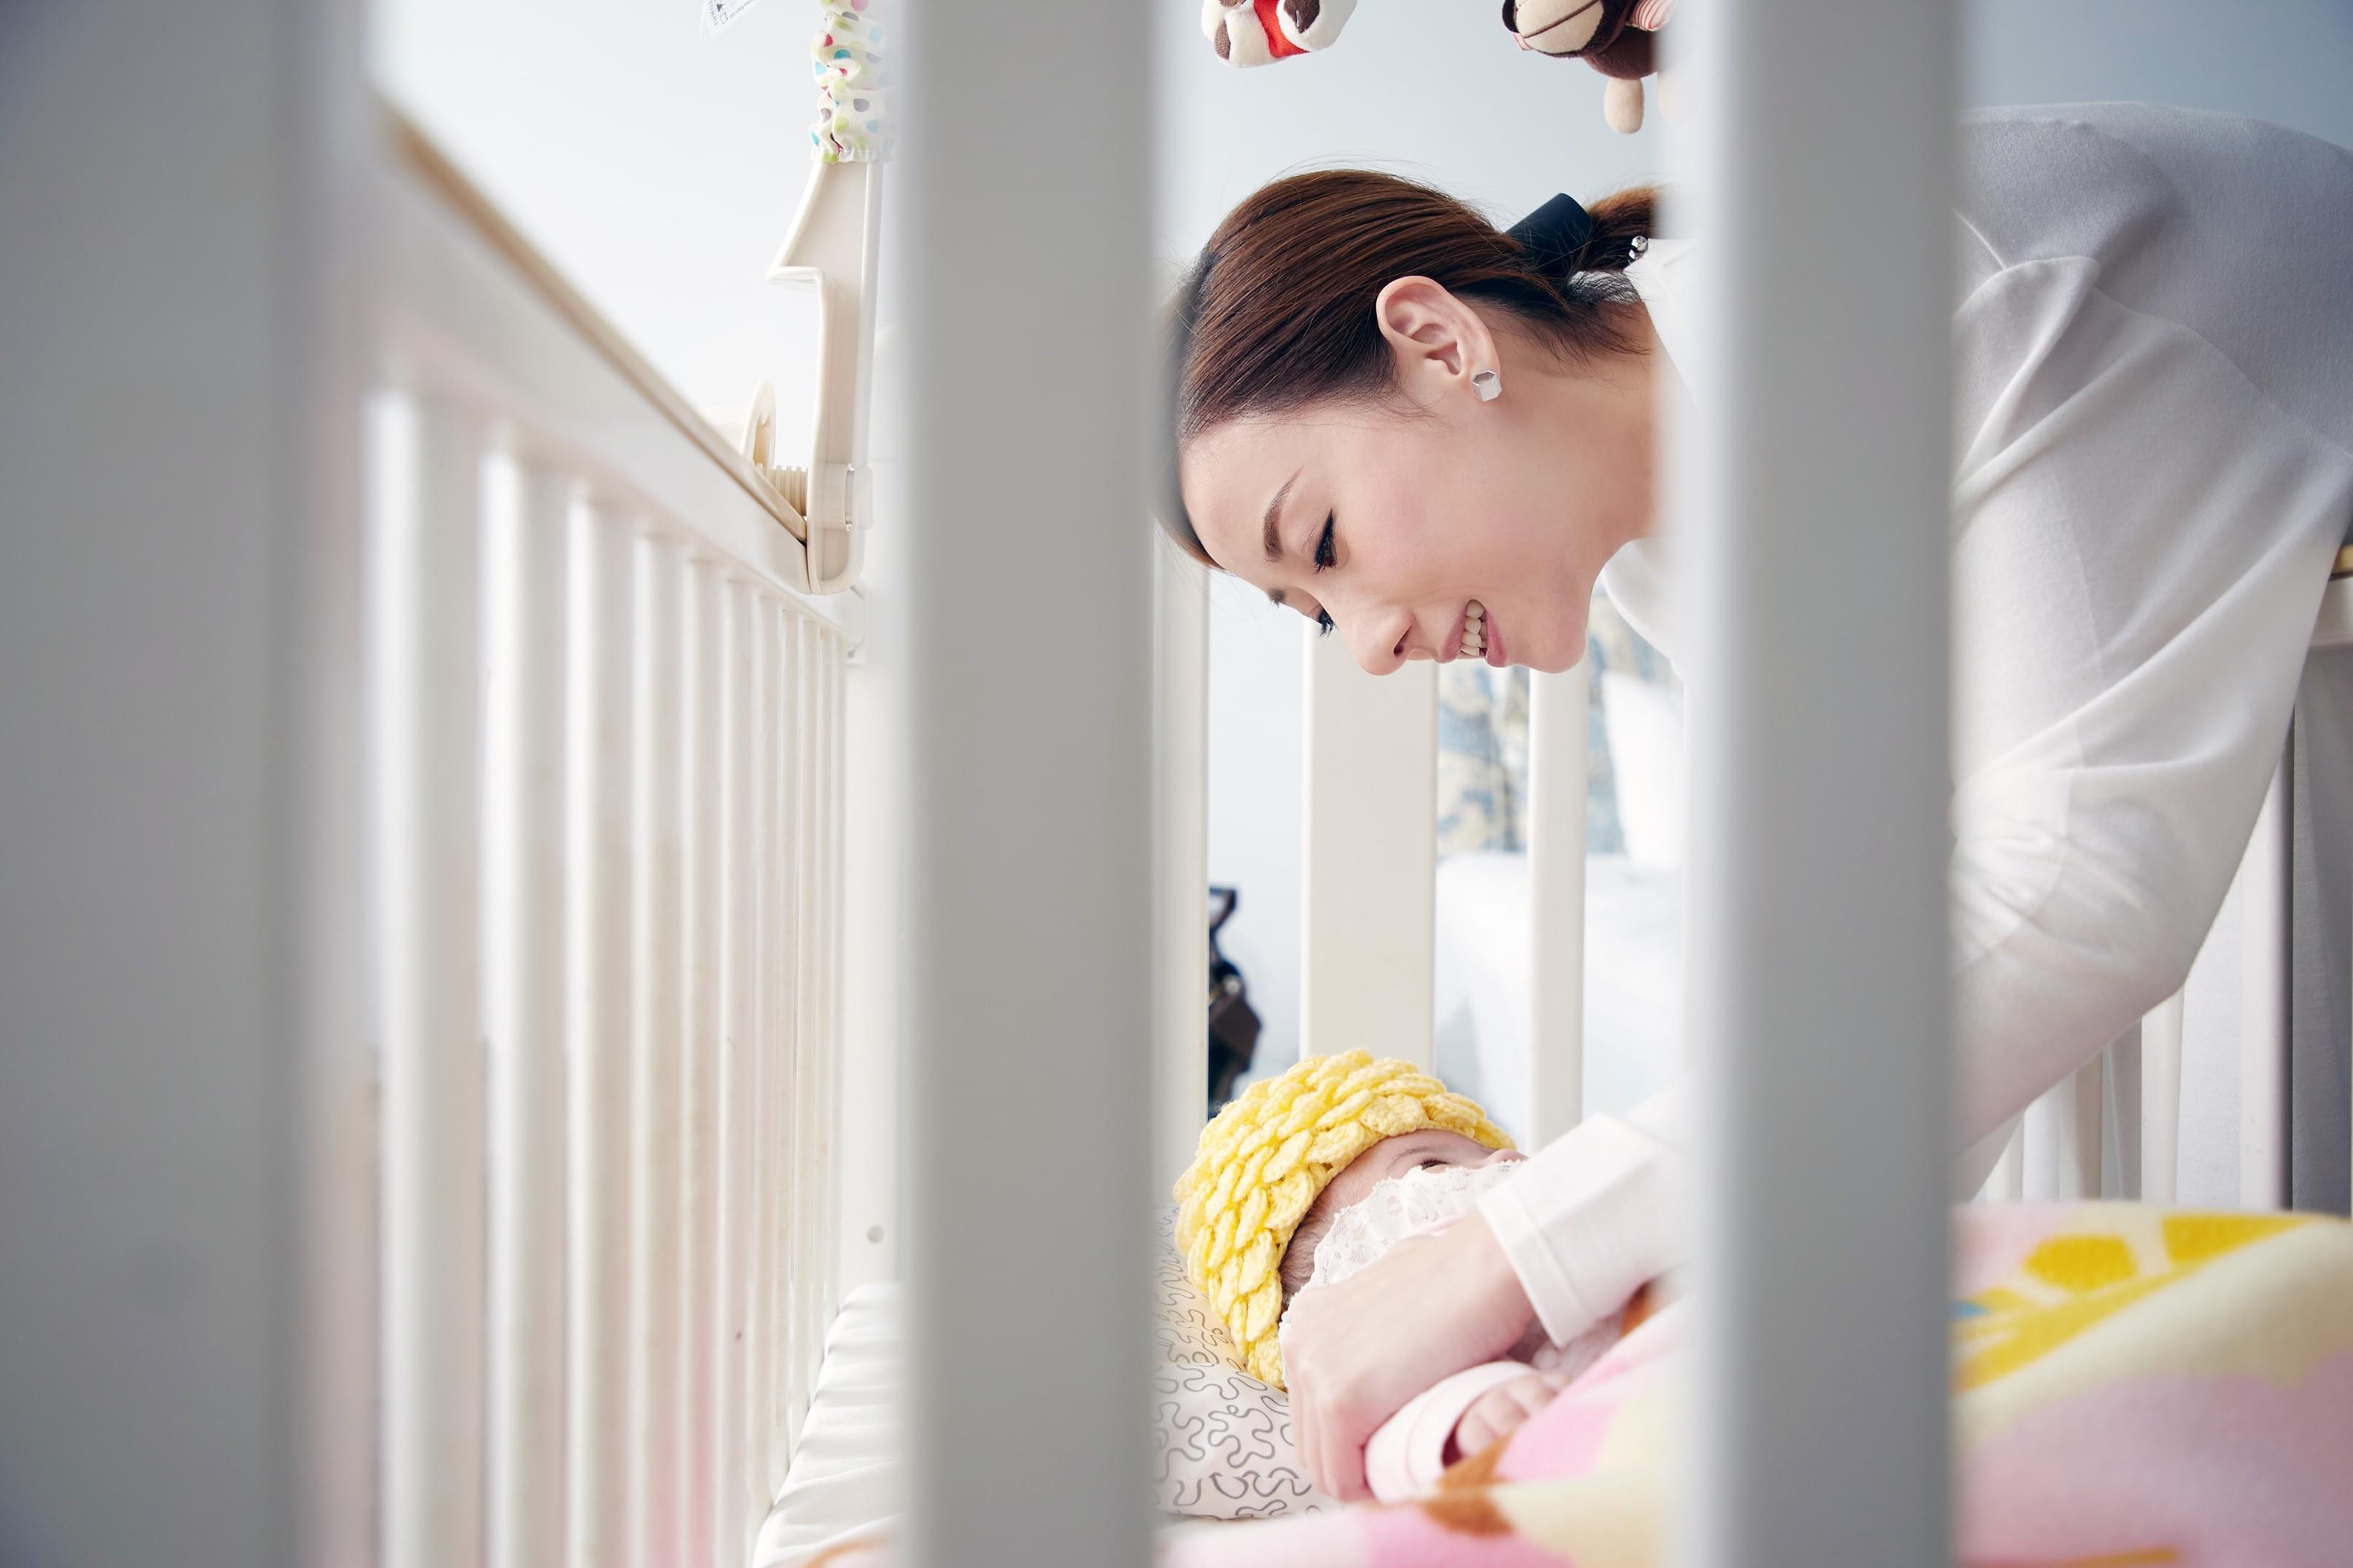 泳儿首次执导《摇篮曲》MV上线 感动母亲节